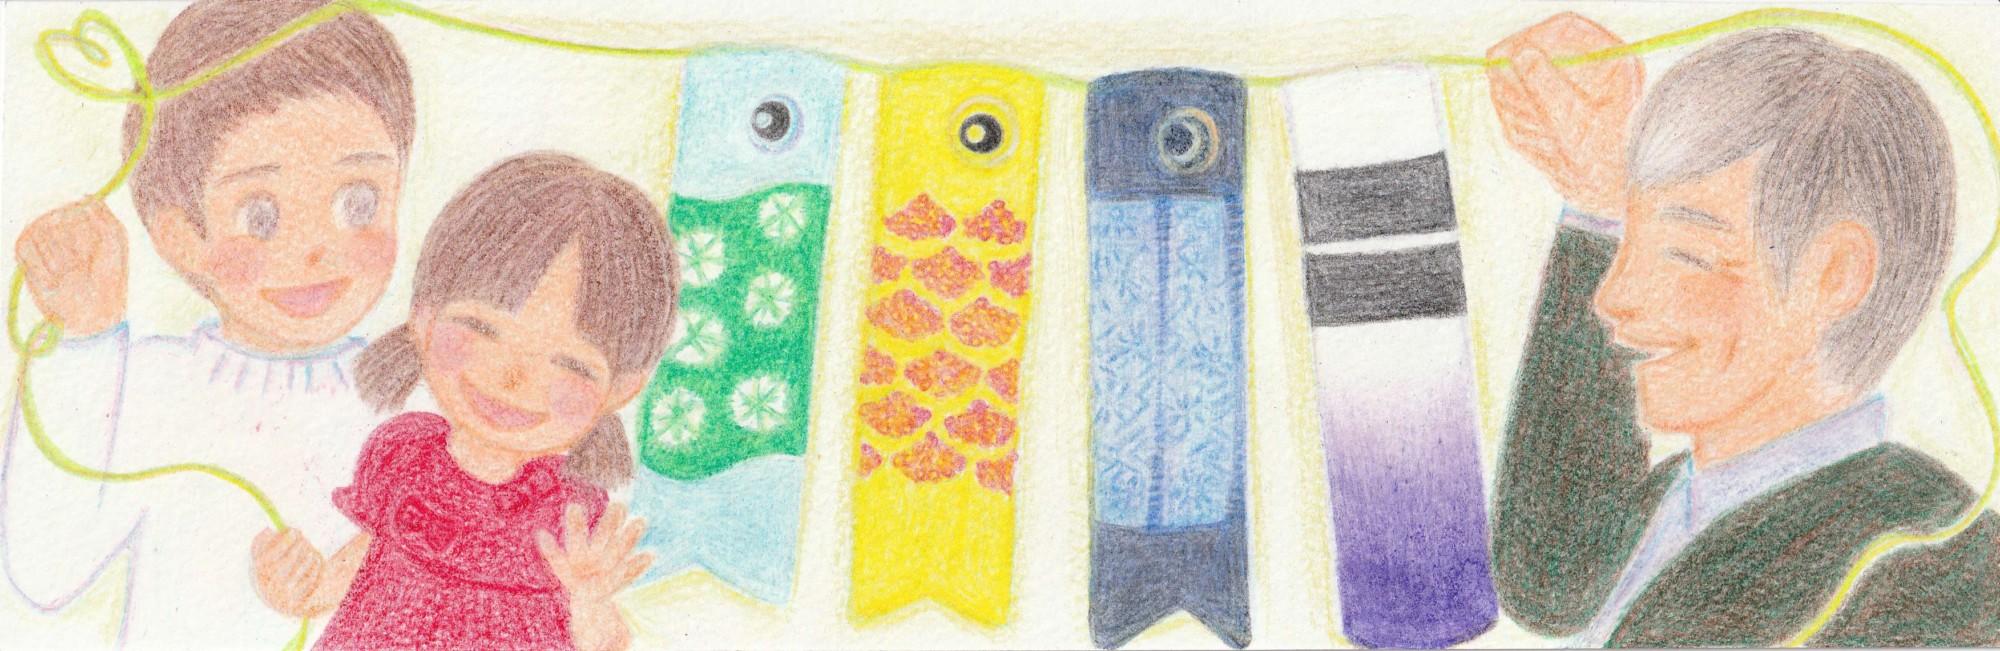 絞り染め鯉のぼりイラスト